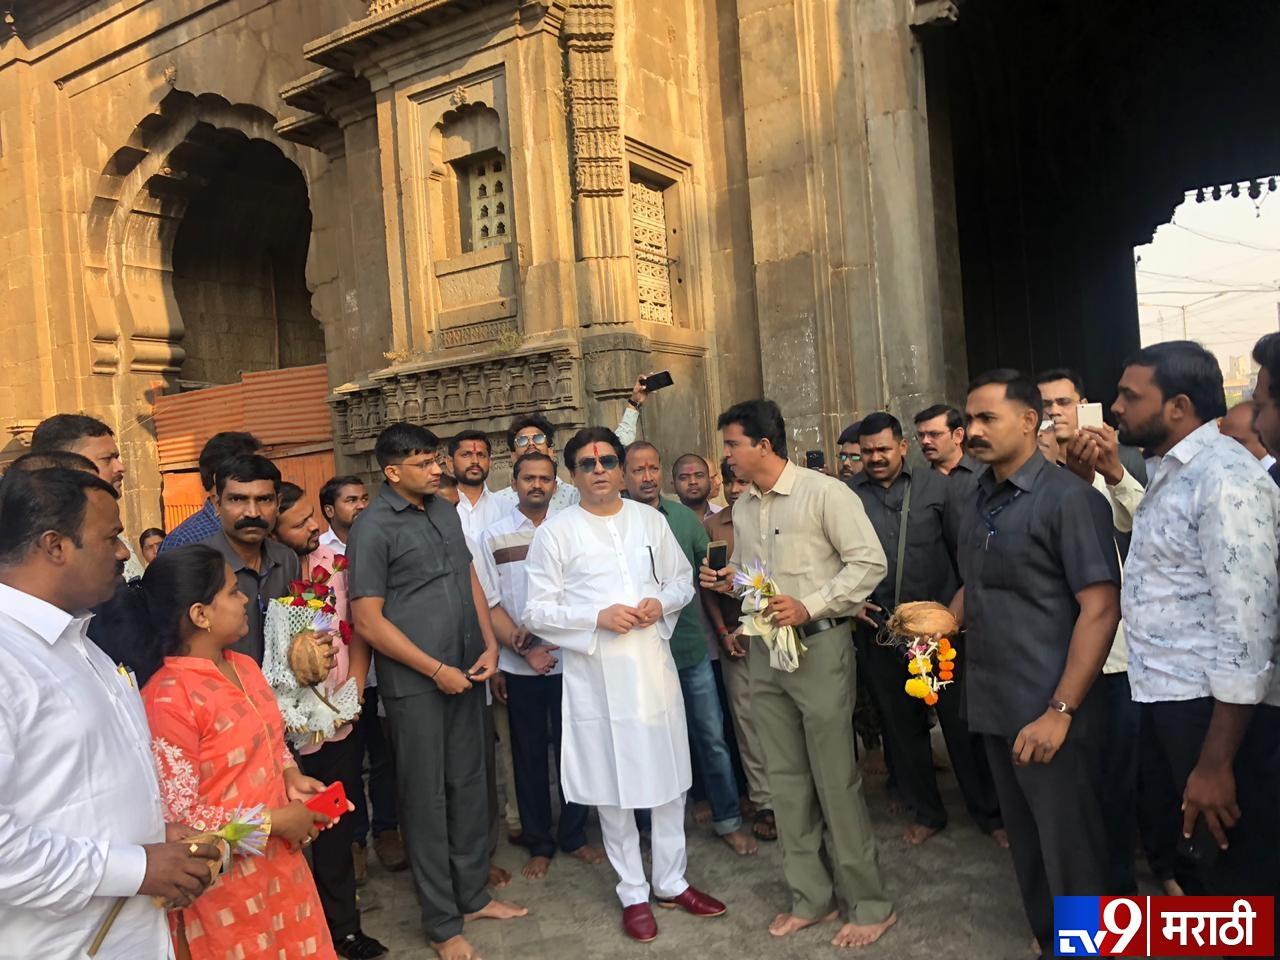 Raj Thackeray, अंबाबाई मातेचं दर्शन घेऊन राज ठाकरेंचा कोल्हापूर दौरा सुरु